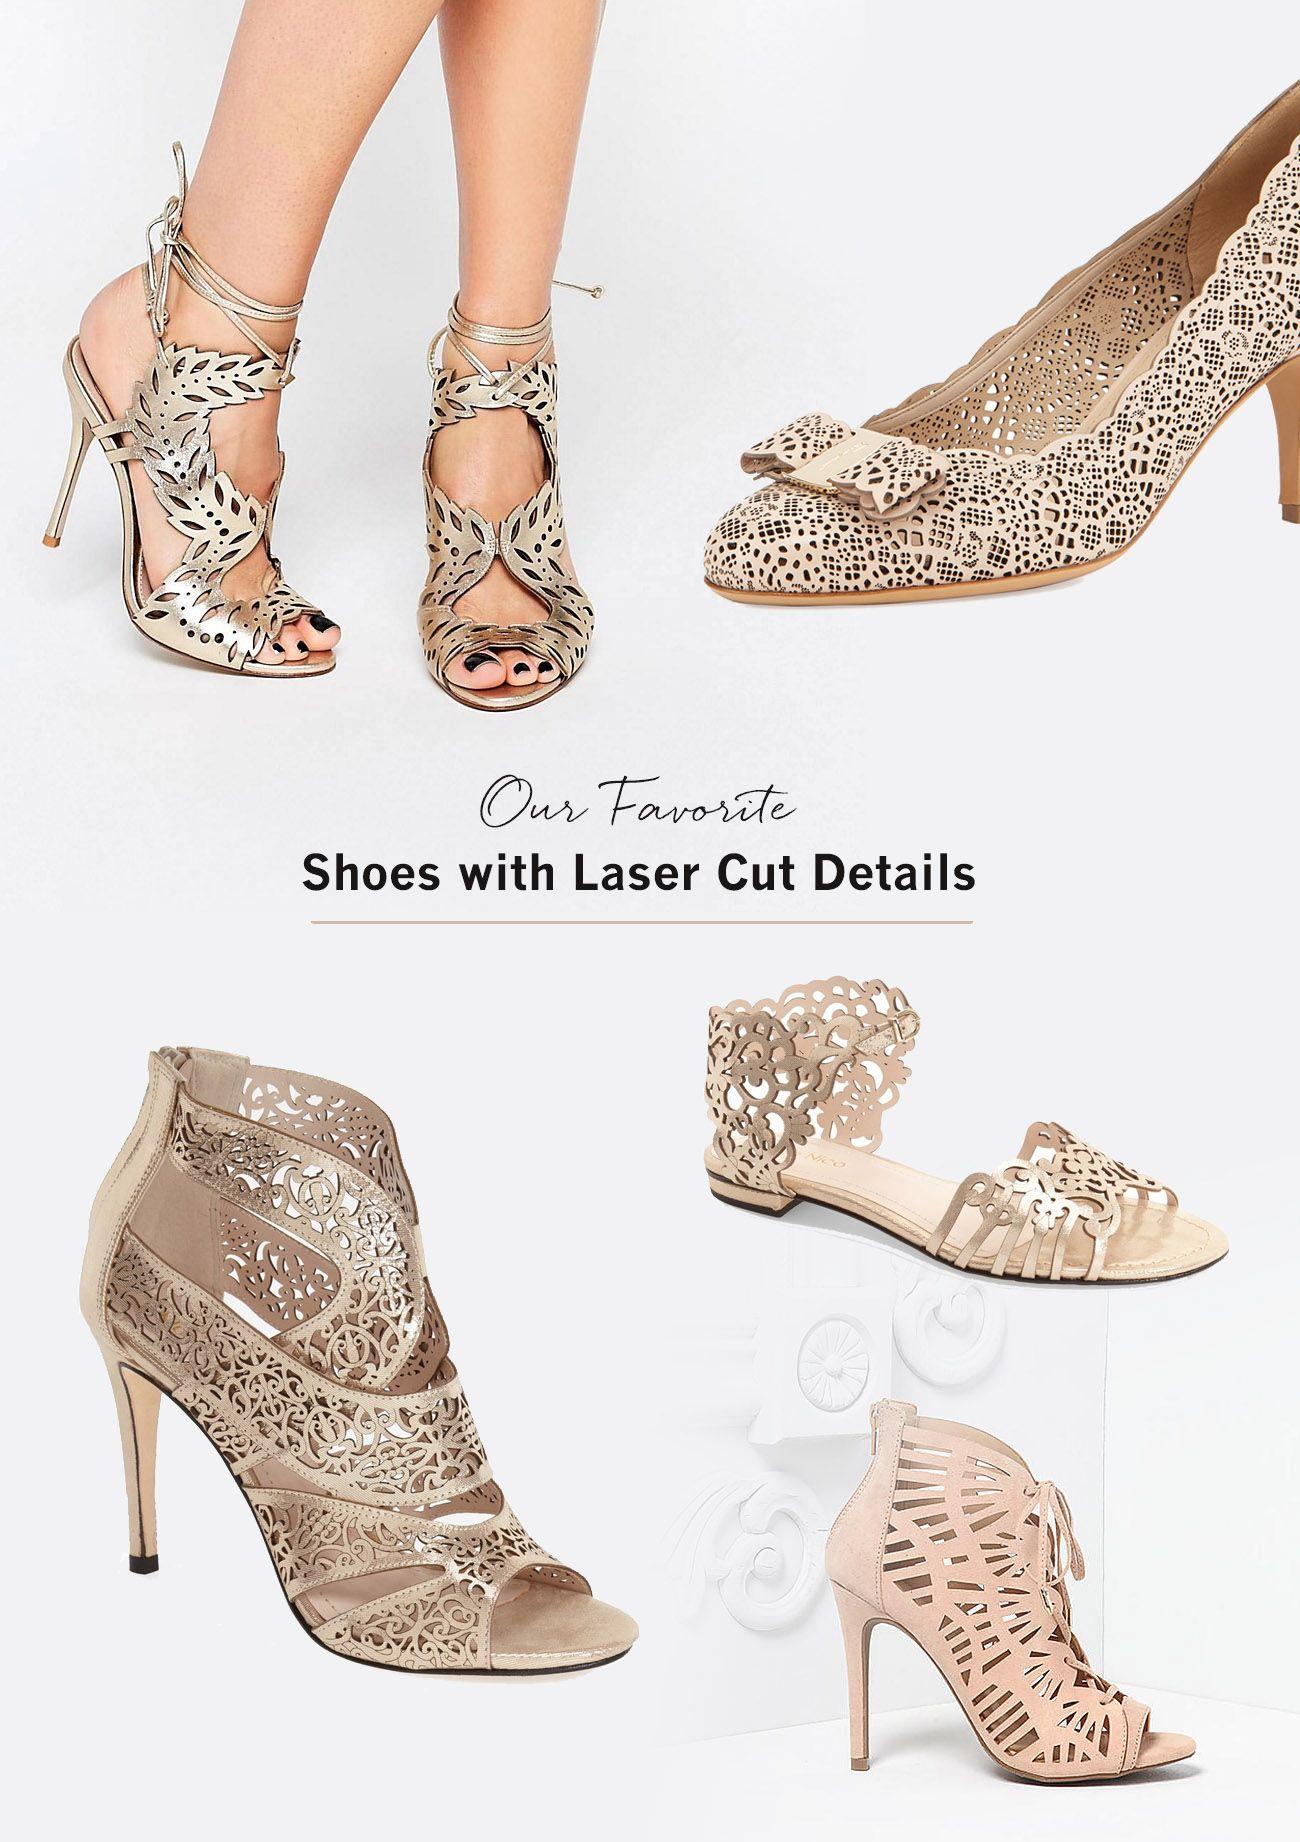 f7e4c41553ce The best laser cut detail shoes  tuesdayshoesday